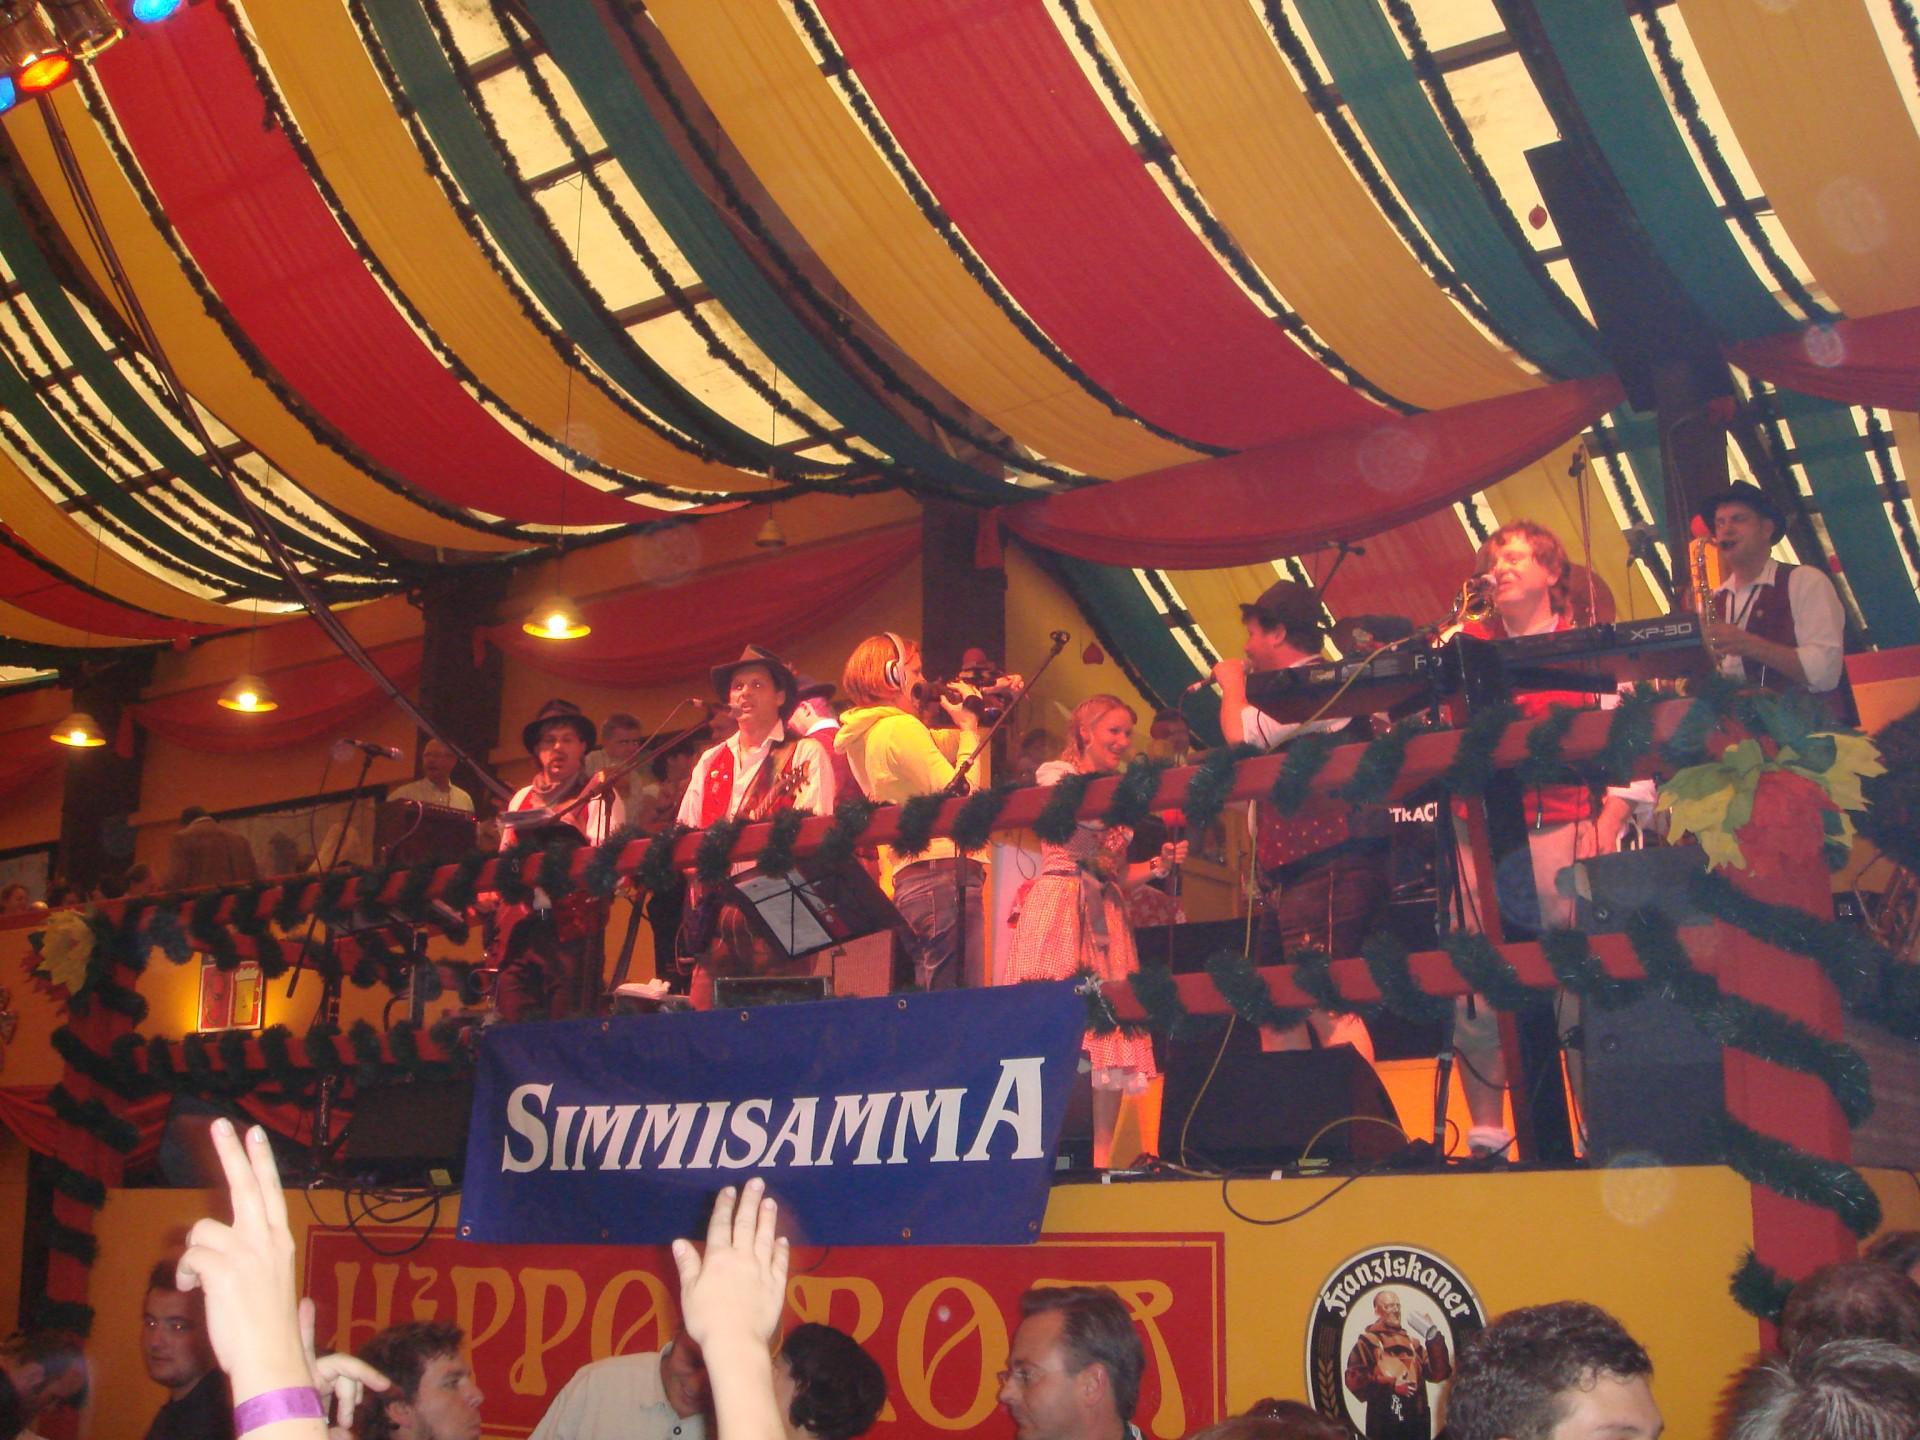 Simmisamma die Oktoberfestband – Konzert Hippodrom Oktoberfest München Deutschland 95